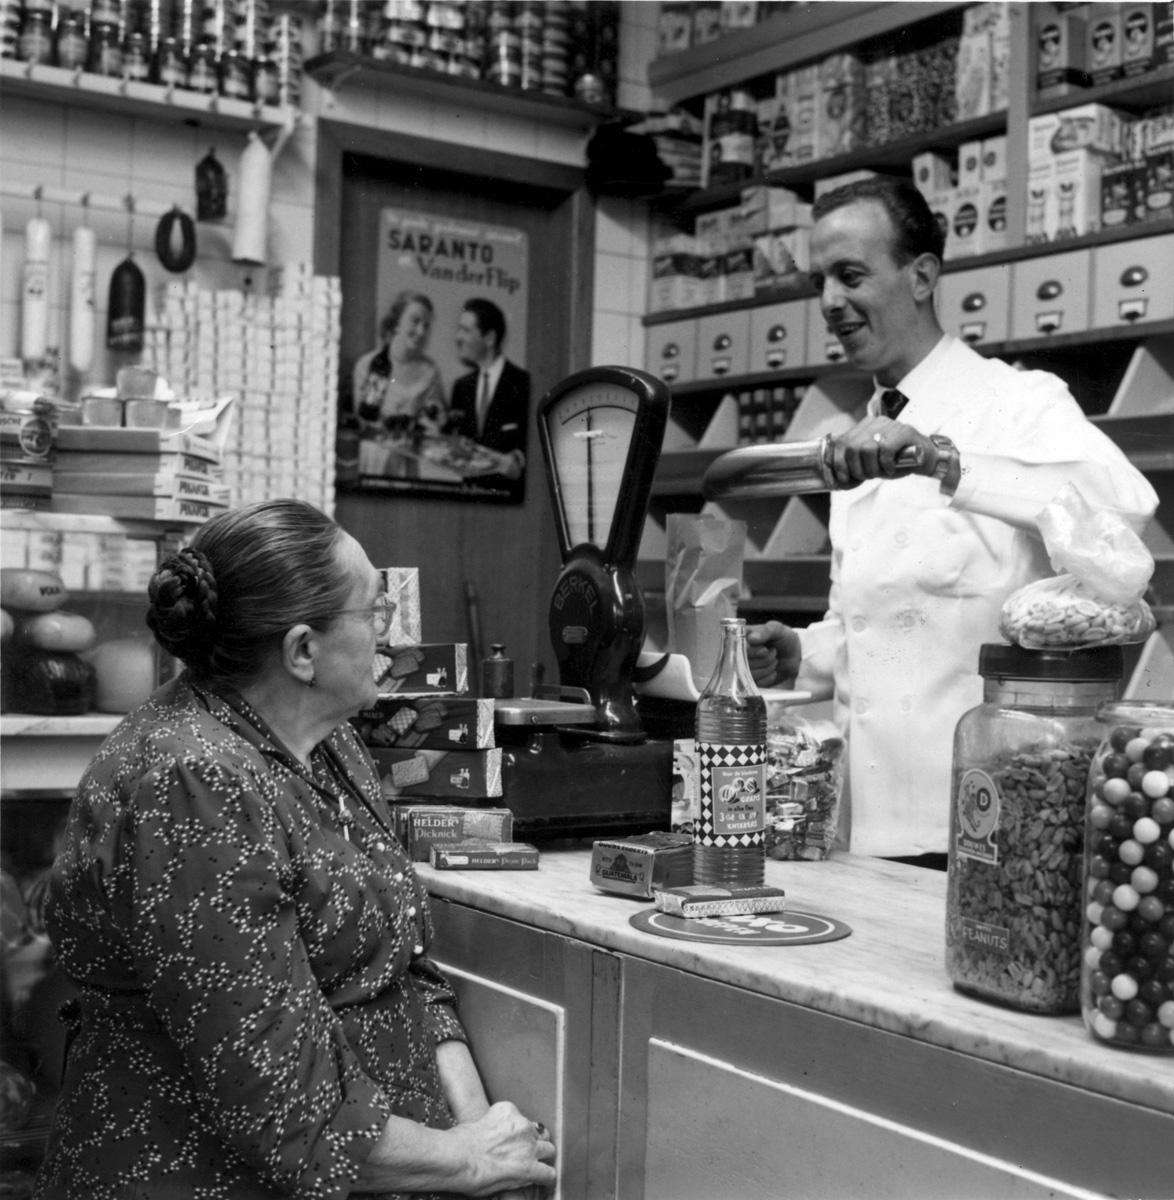 Kruidenierswinkel - afbeelding bij blog Consumentengeweld